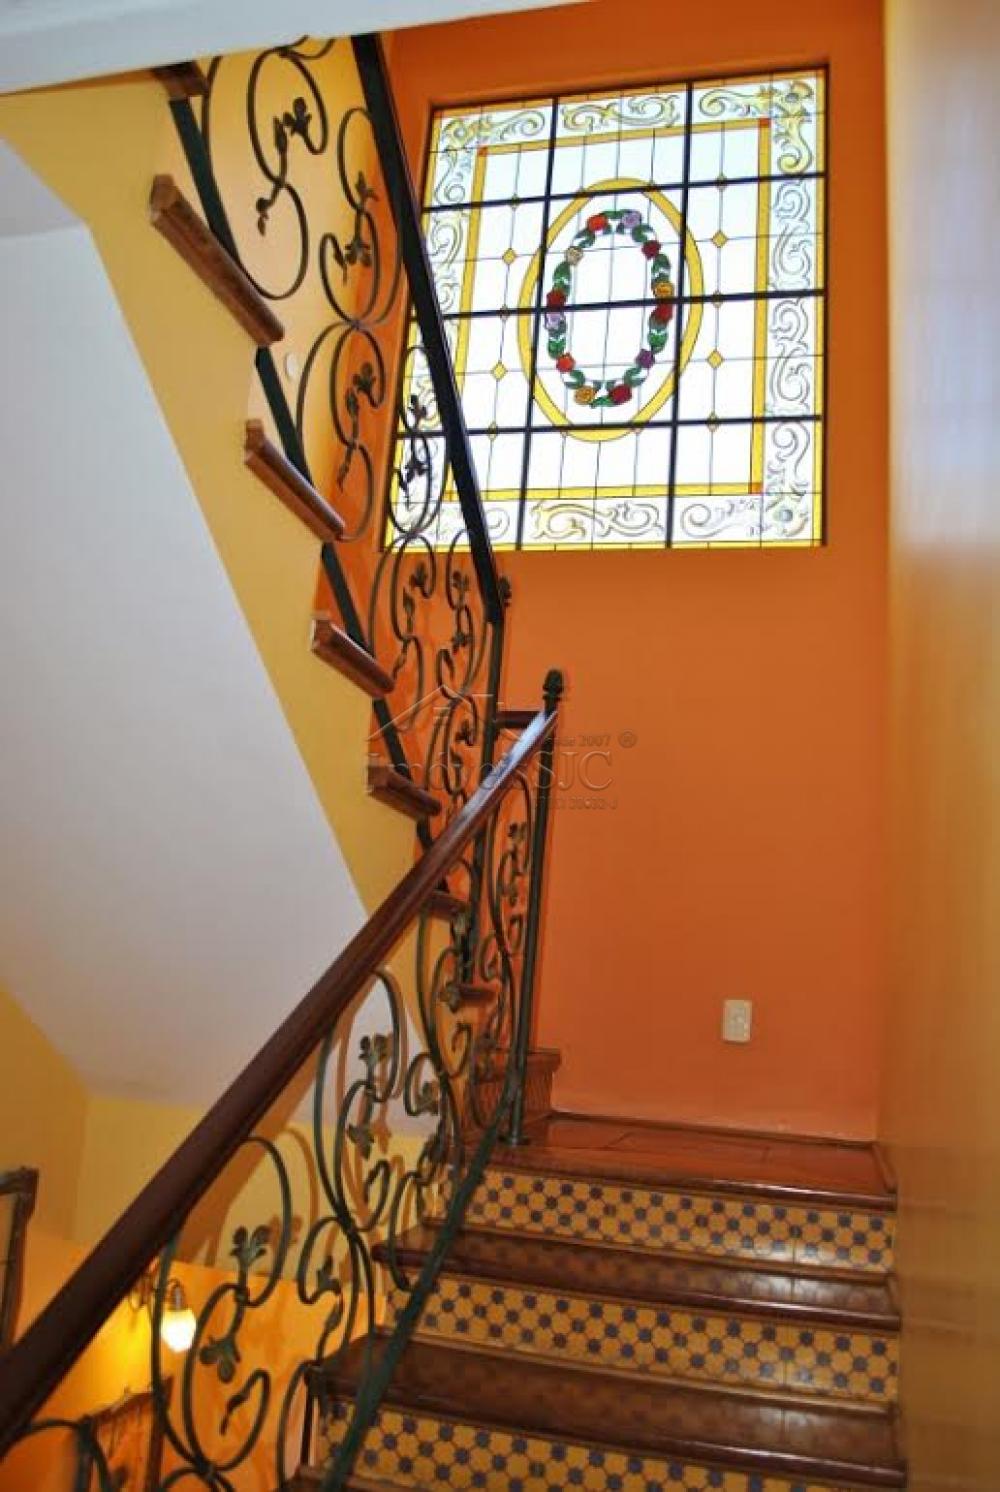 Alugar Casas / Condomínio em São José dos Campos apenas R$ 10.000,00 - Foto 13